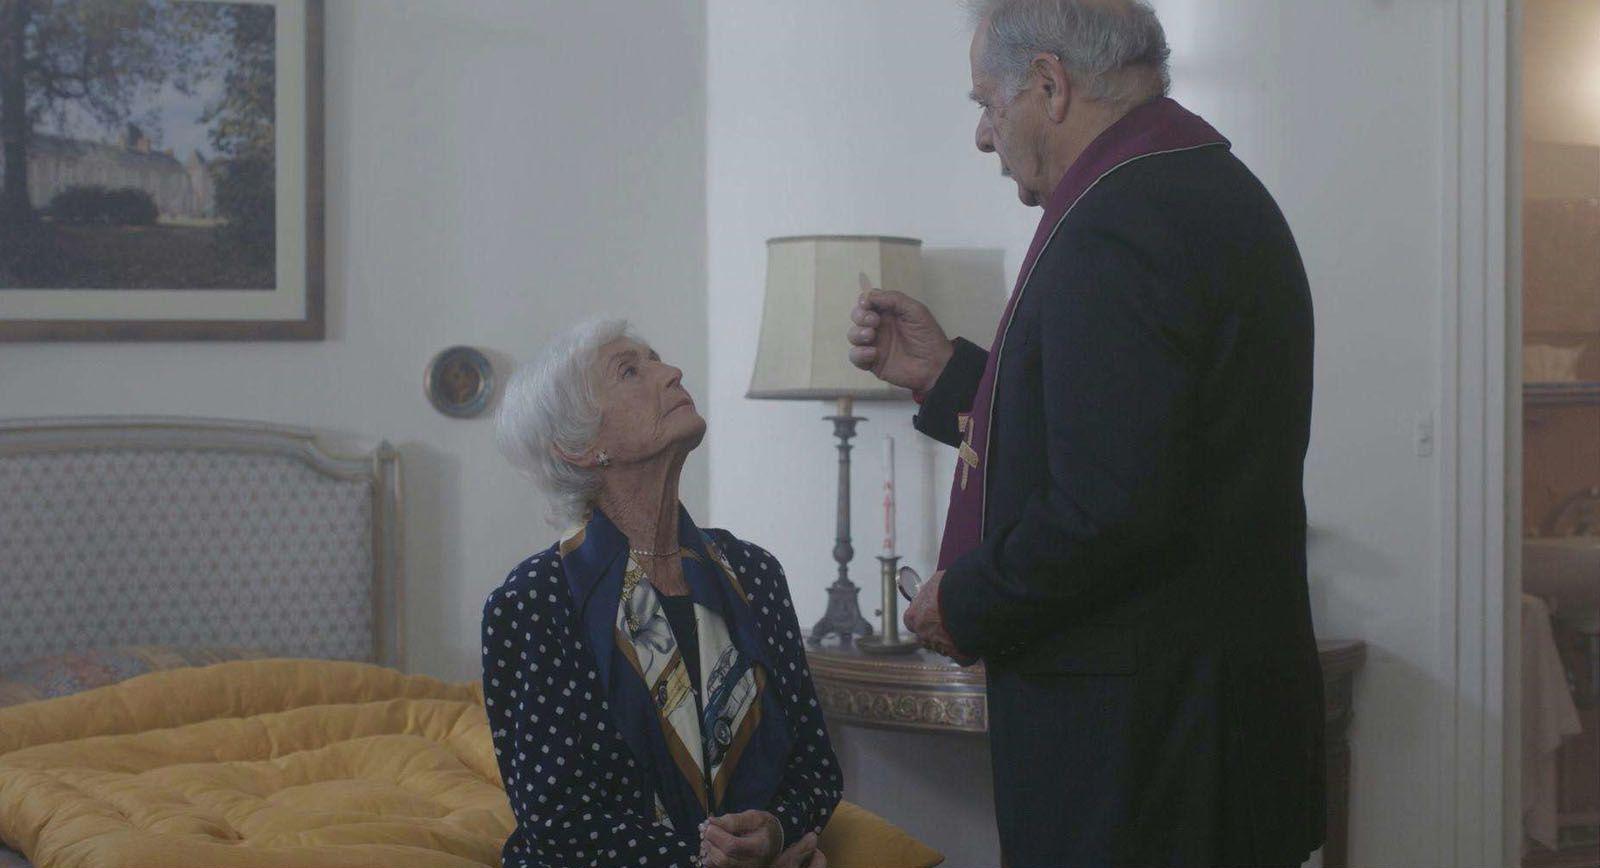 La Sainte Famille (BANDE-ANNONCE) avec Marthe Keller, Laura Smet, Léa Drucker - Le 25 décembre 2019 au cinéma